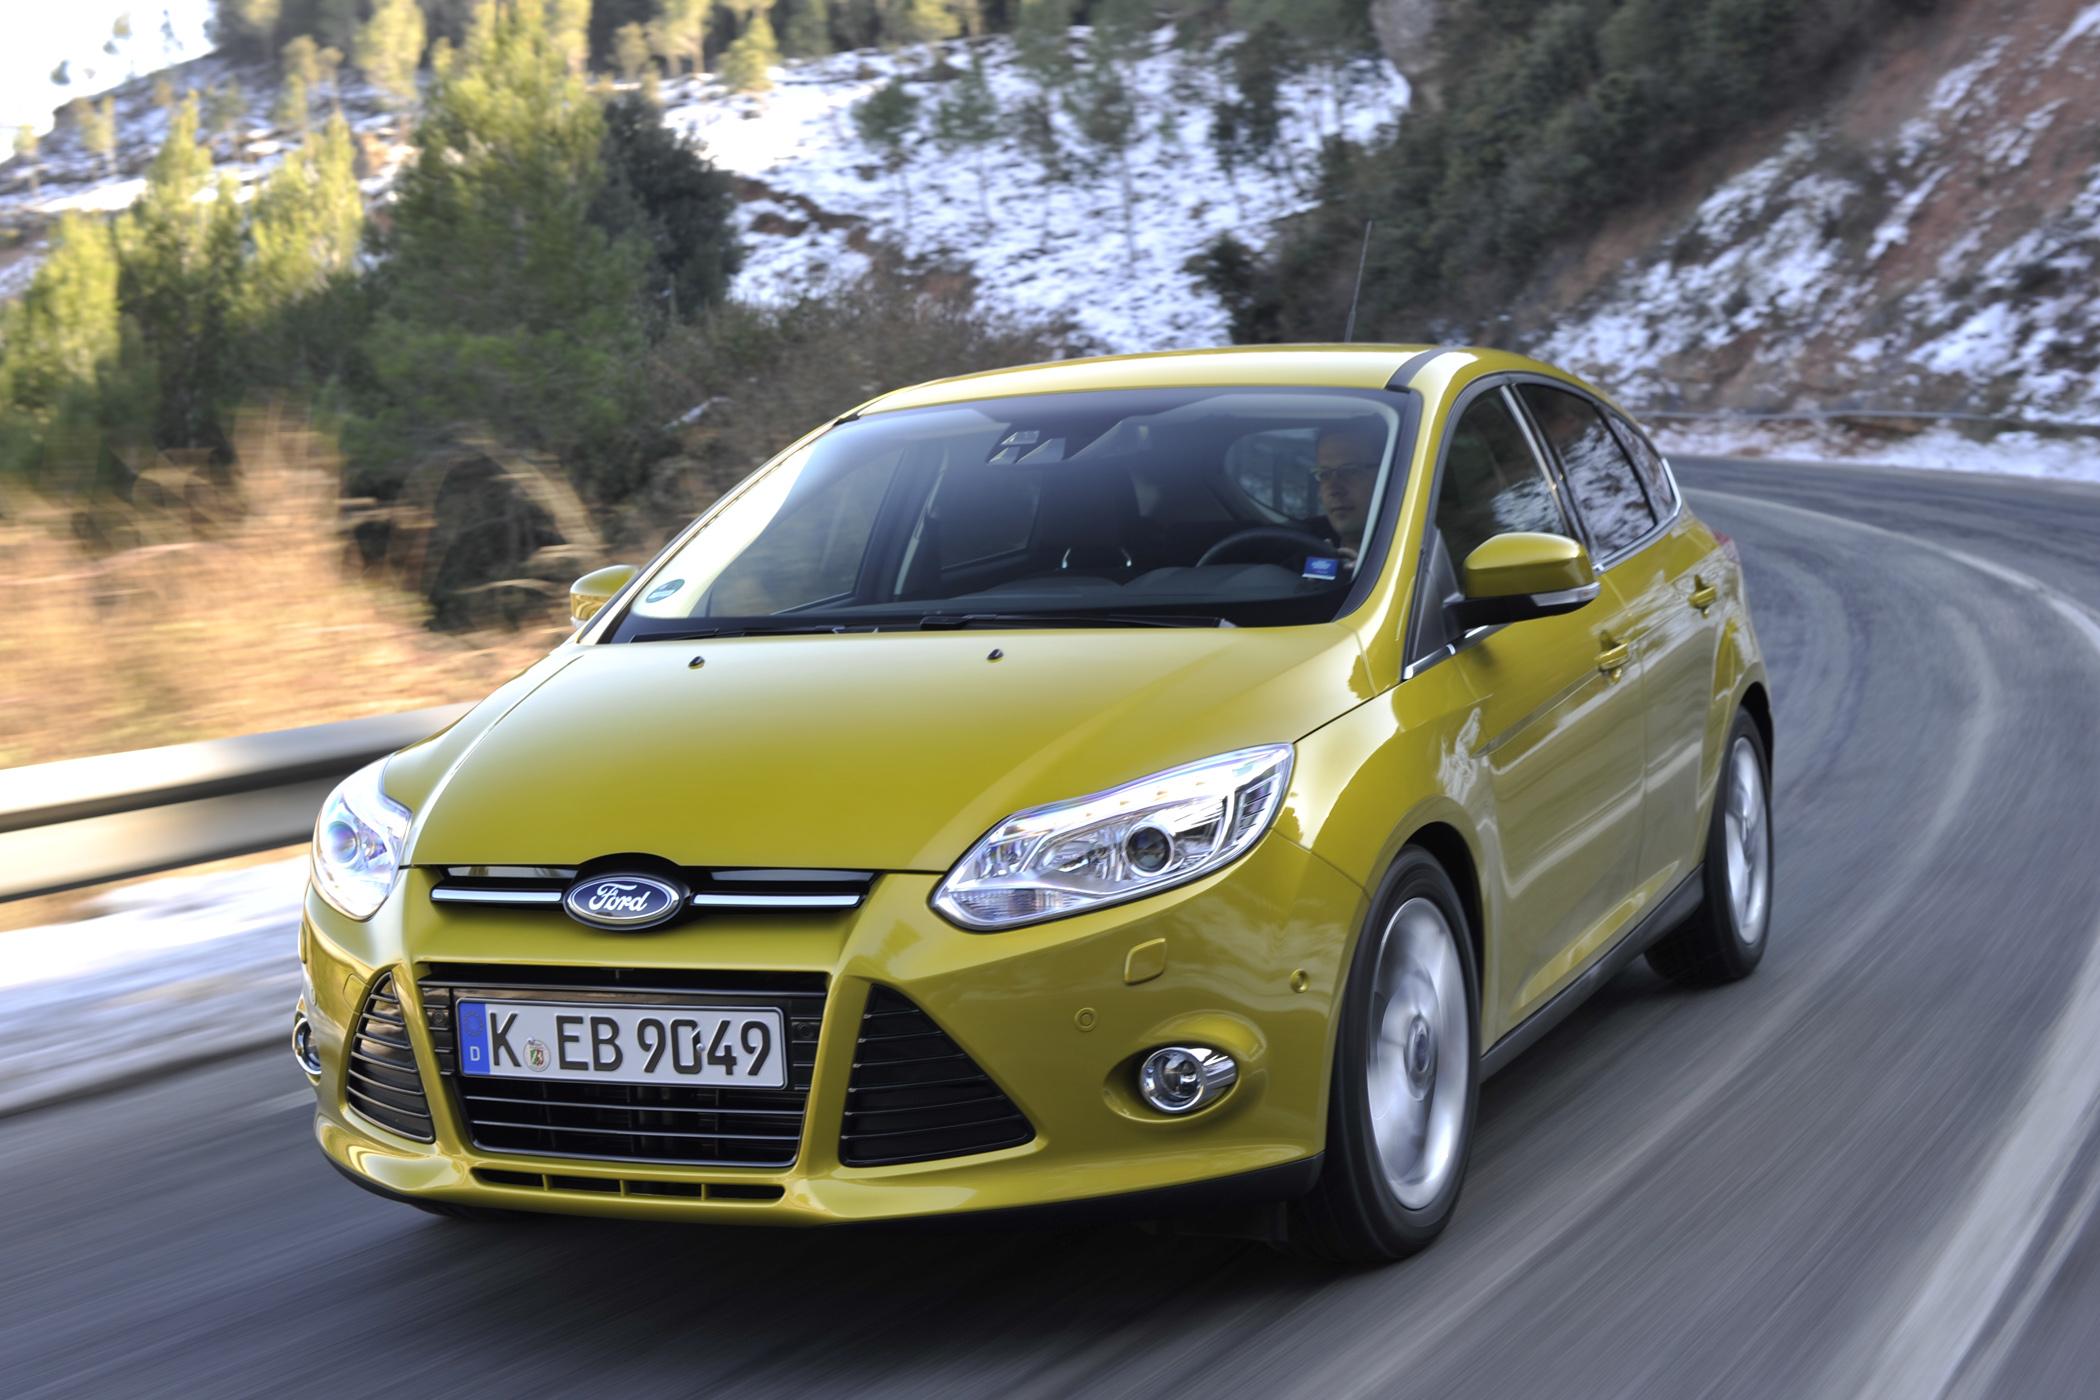 Im Frühling 2011 rollte die dritte Generation der beliebten Kompaktklasse Ford Focus (Mk3) auf die Straßen - und setzte den Erfolgskurs der Modellreihe nahtlos fort.